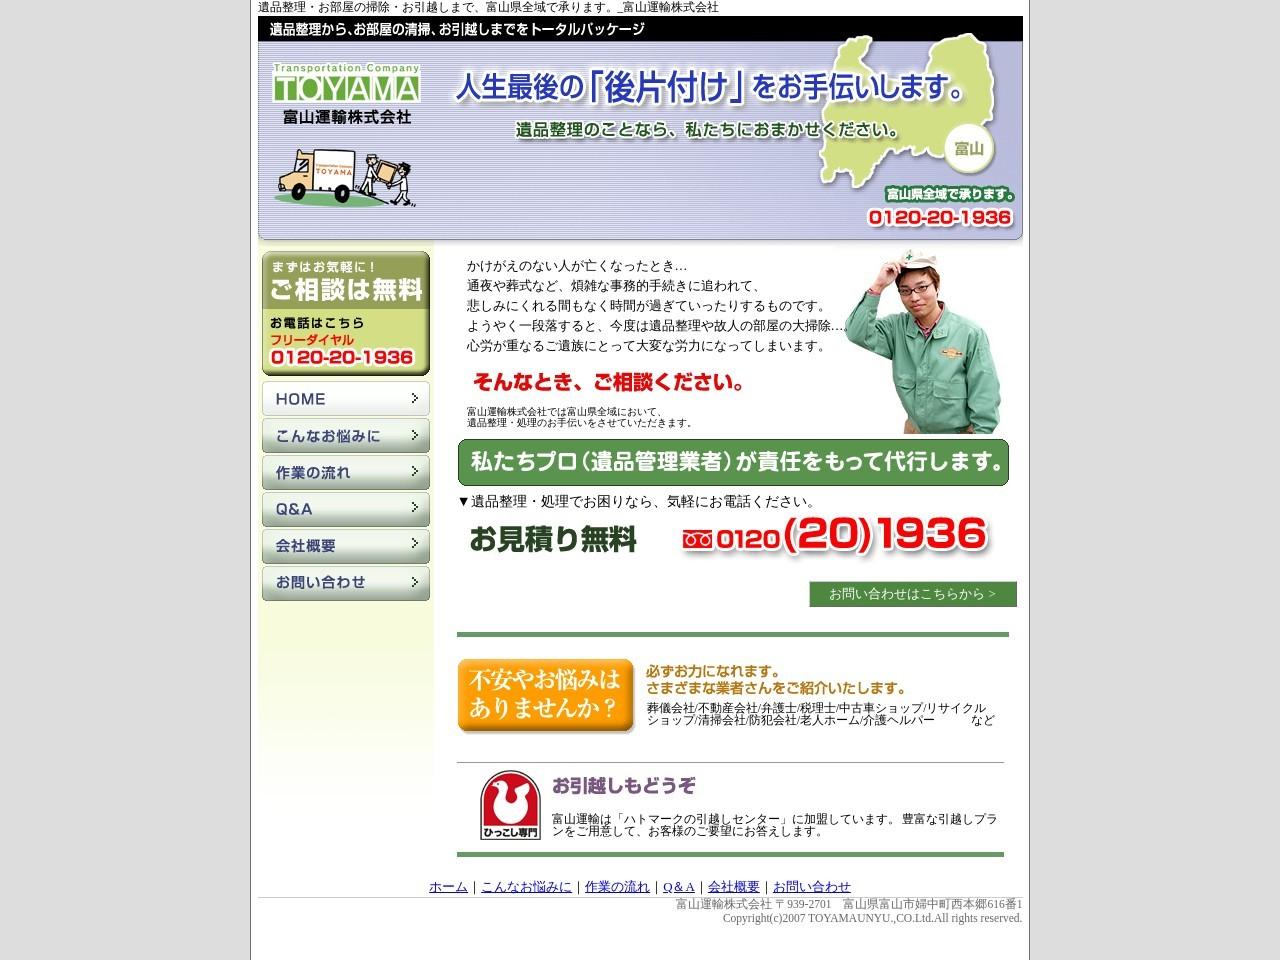 遺品整理の富山運輸株式会社